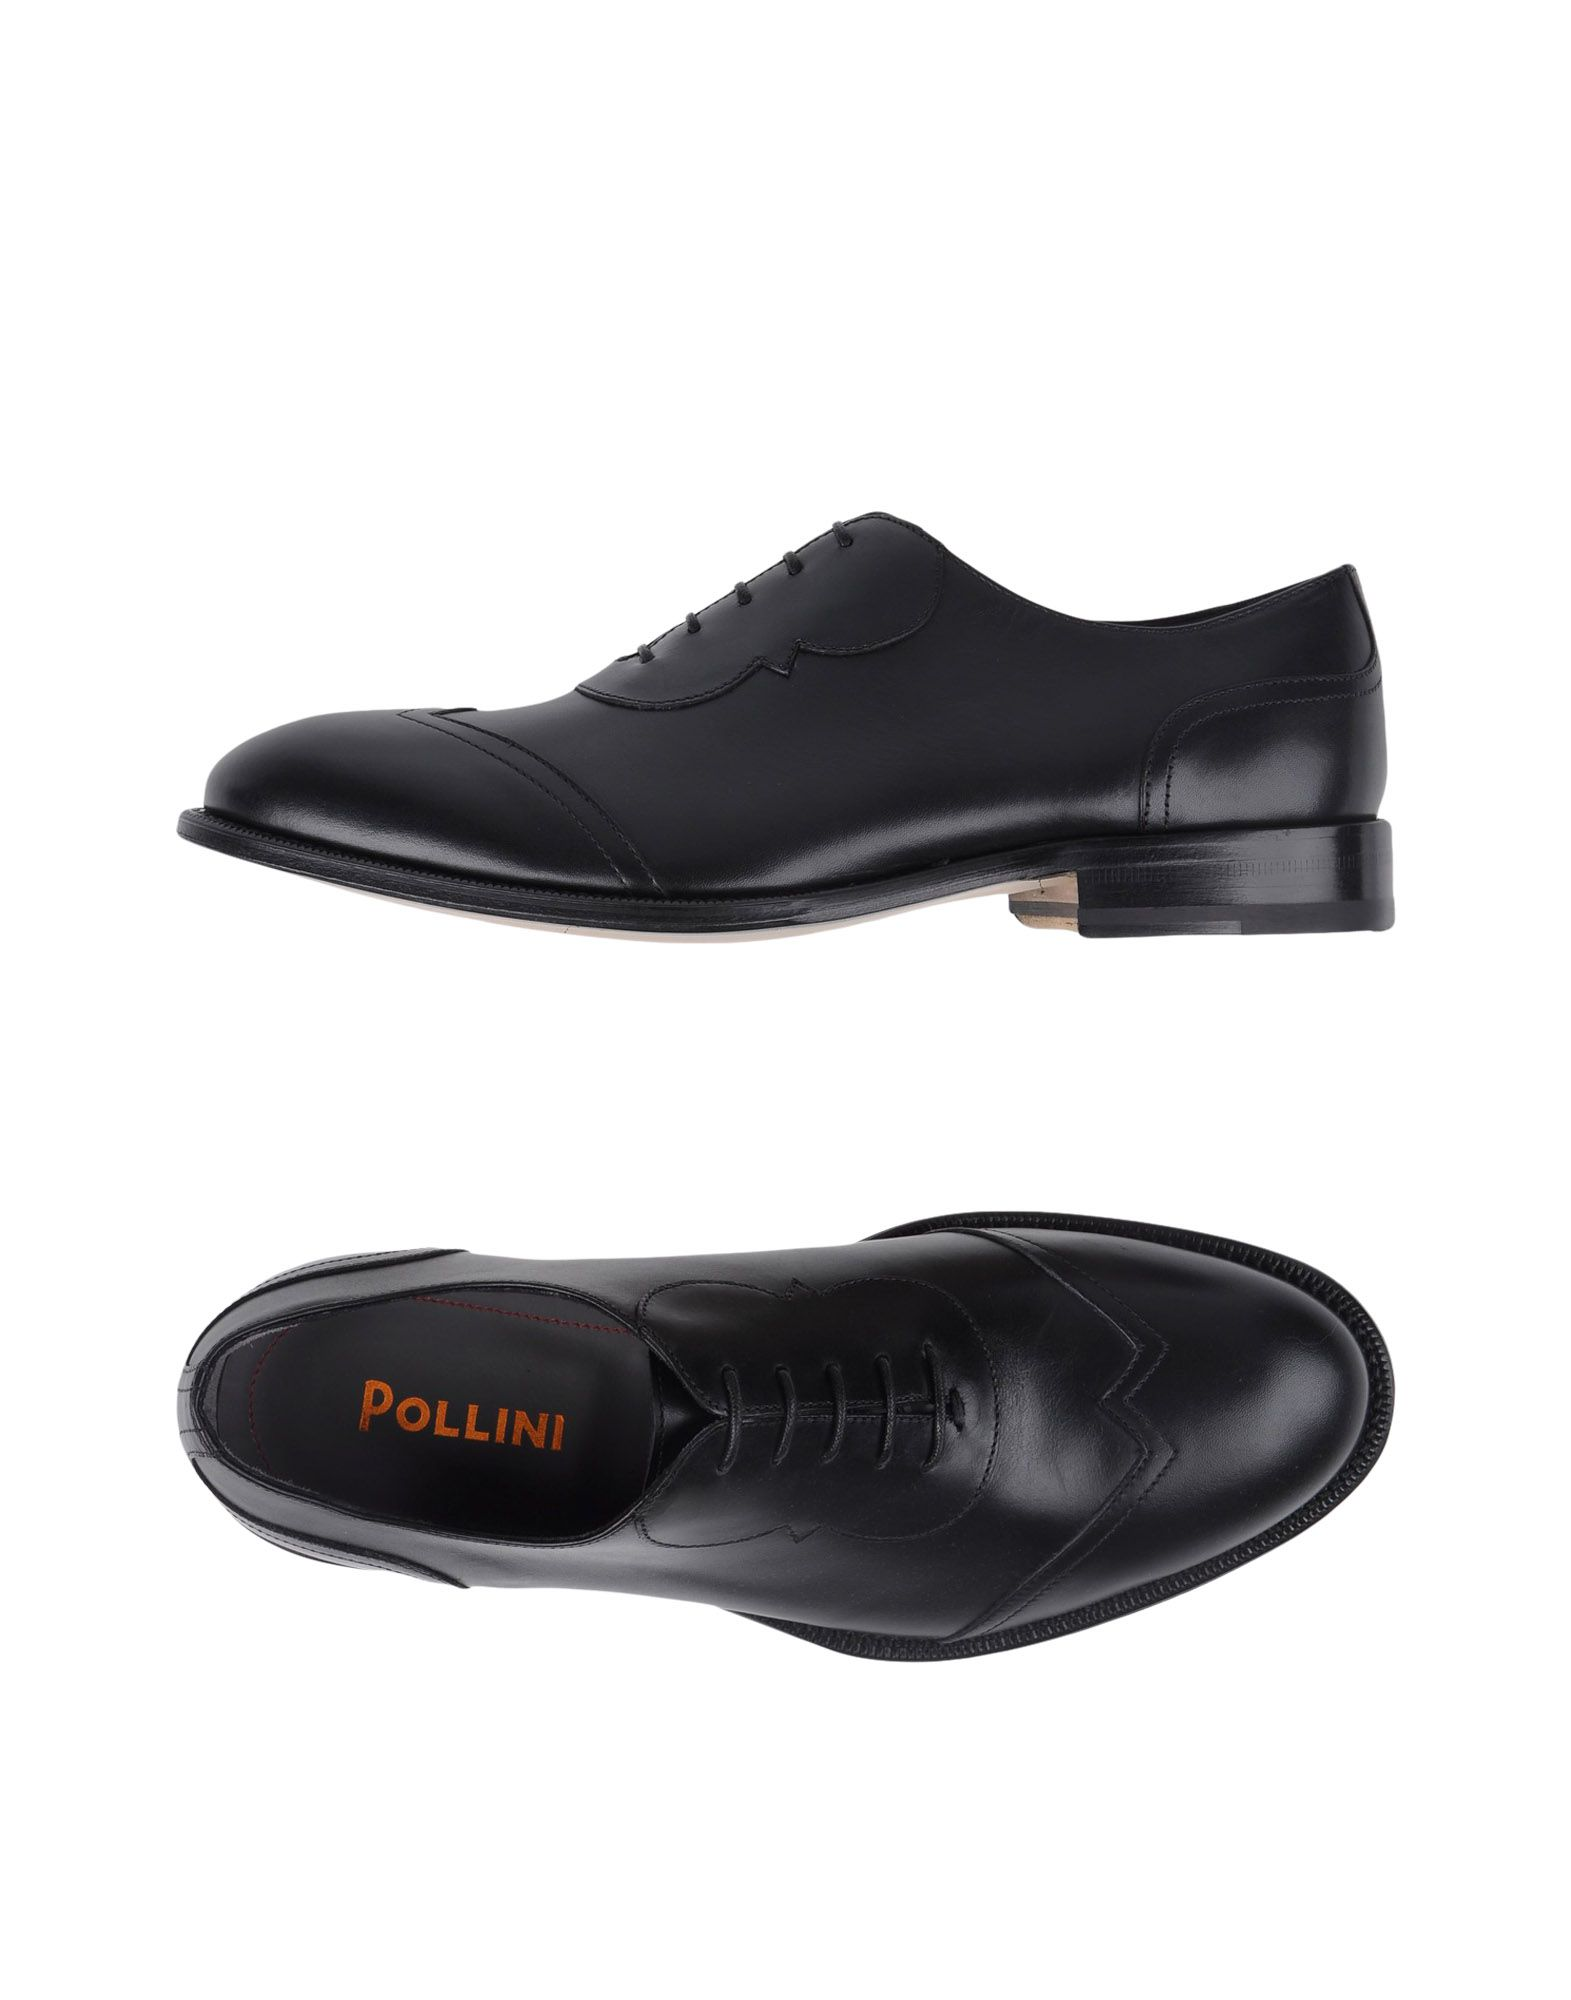 Scarpe economiche e resistenti Stringate Pollini Uomo - 11331298XC